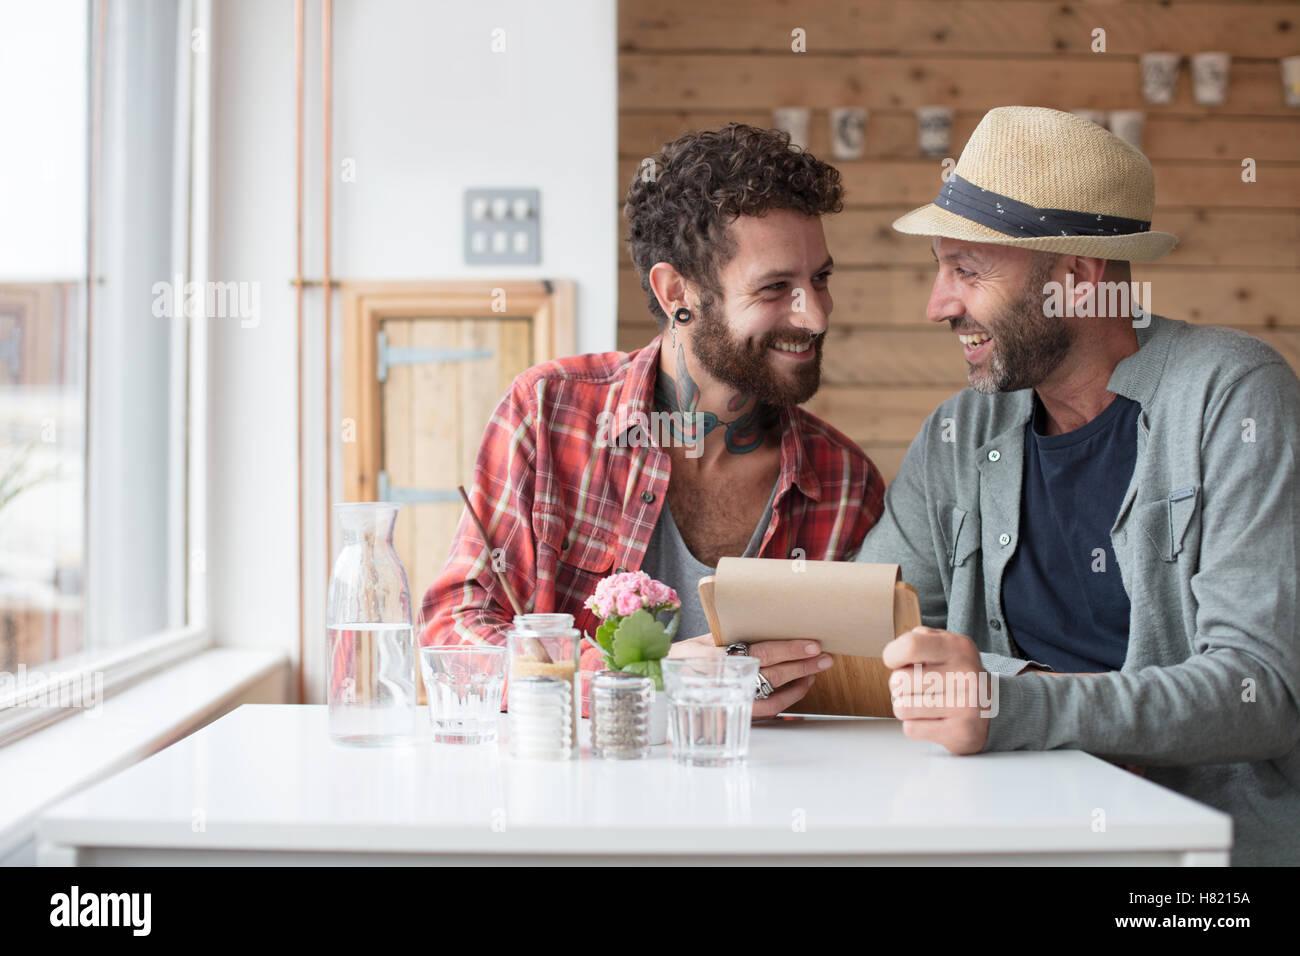 Una pareja gay sat menú de visualización en cafe Imagen De Stock